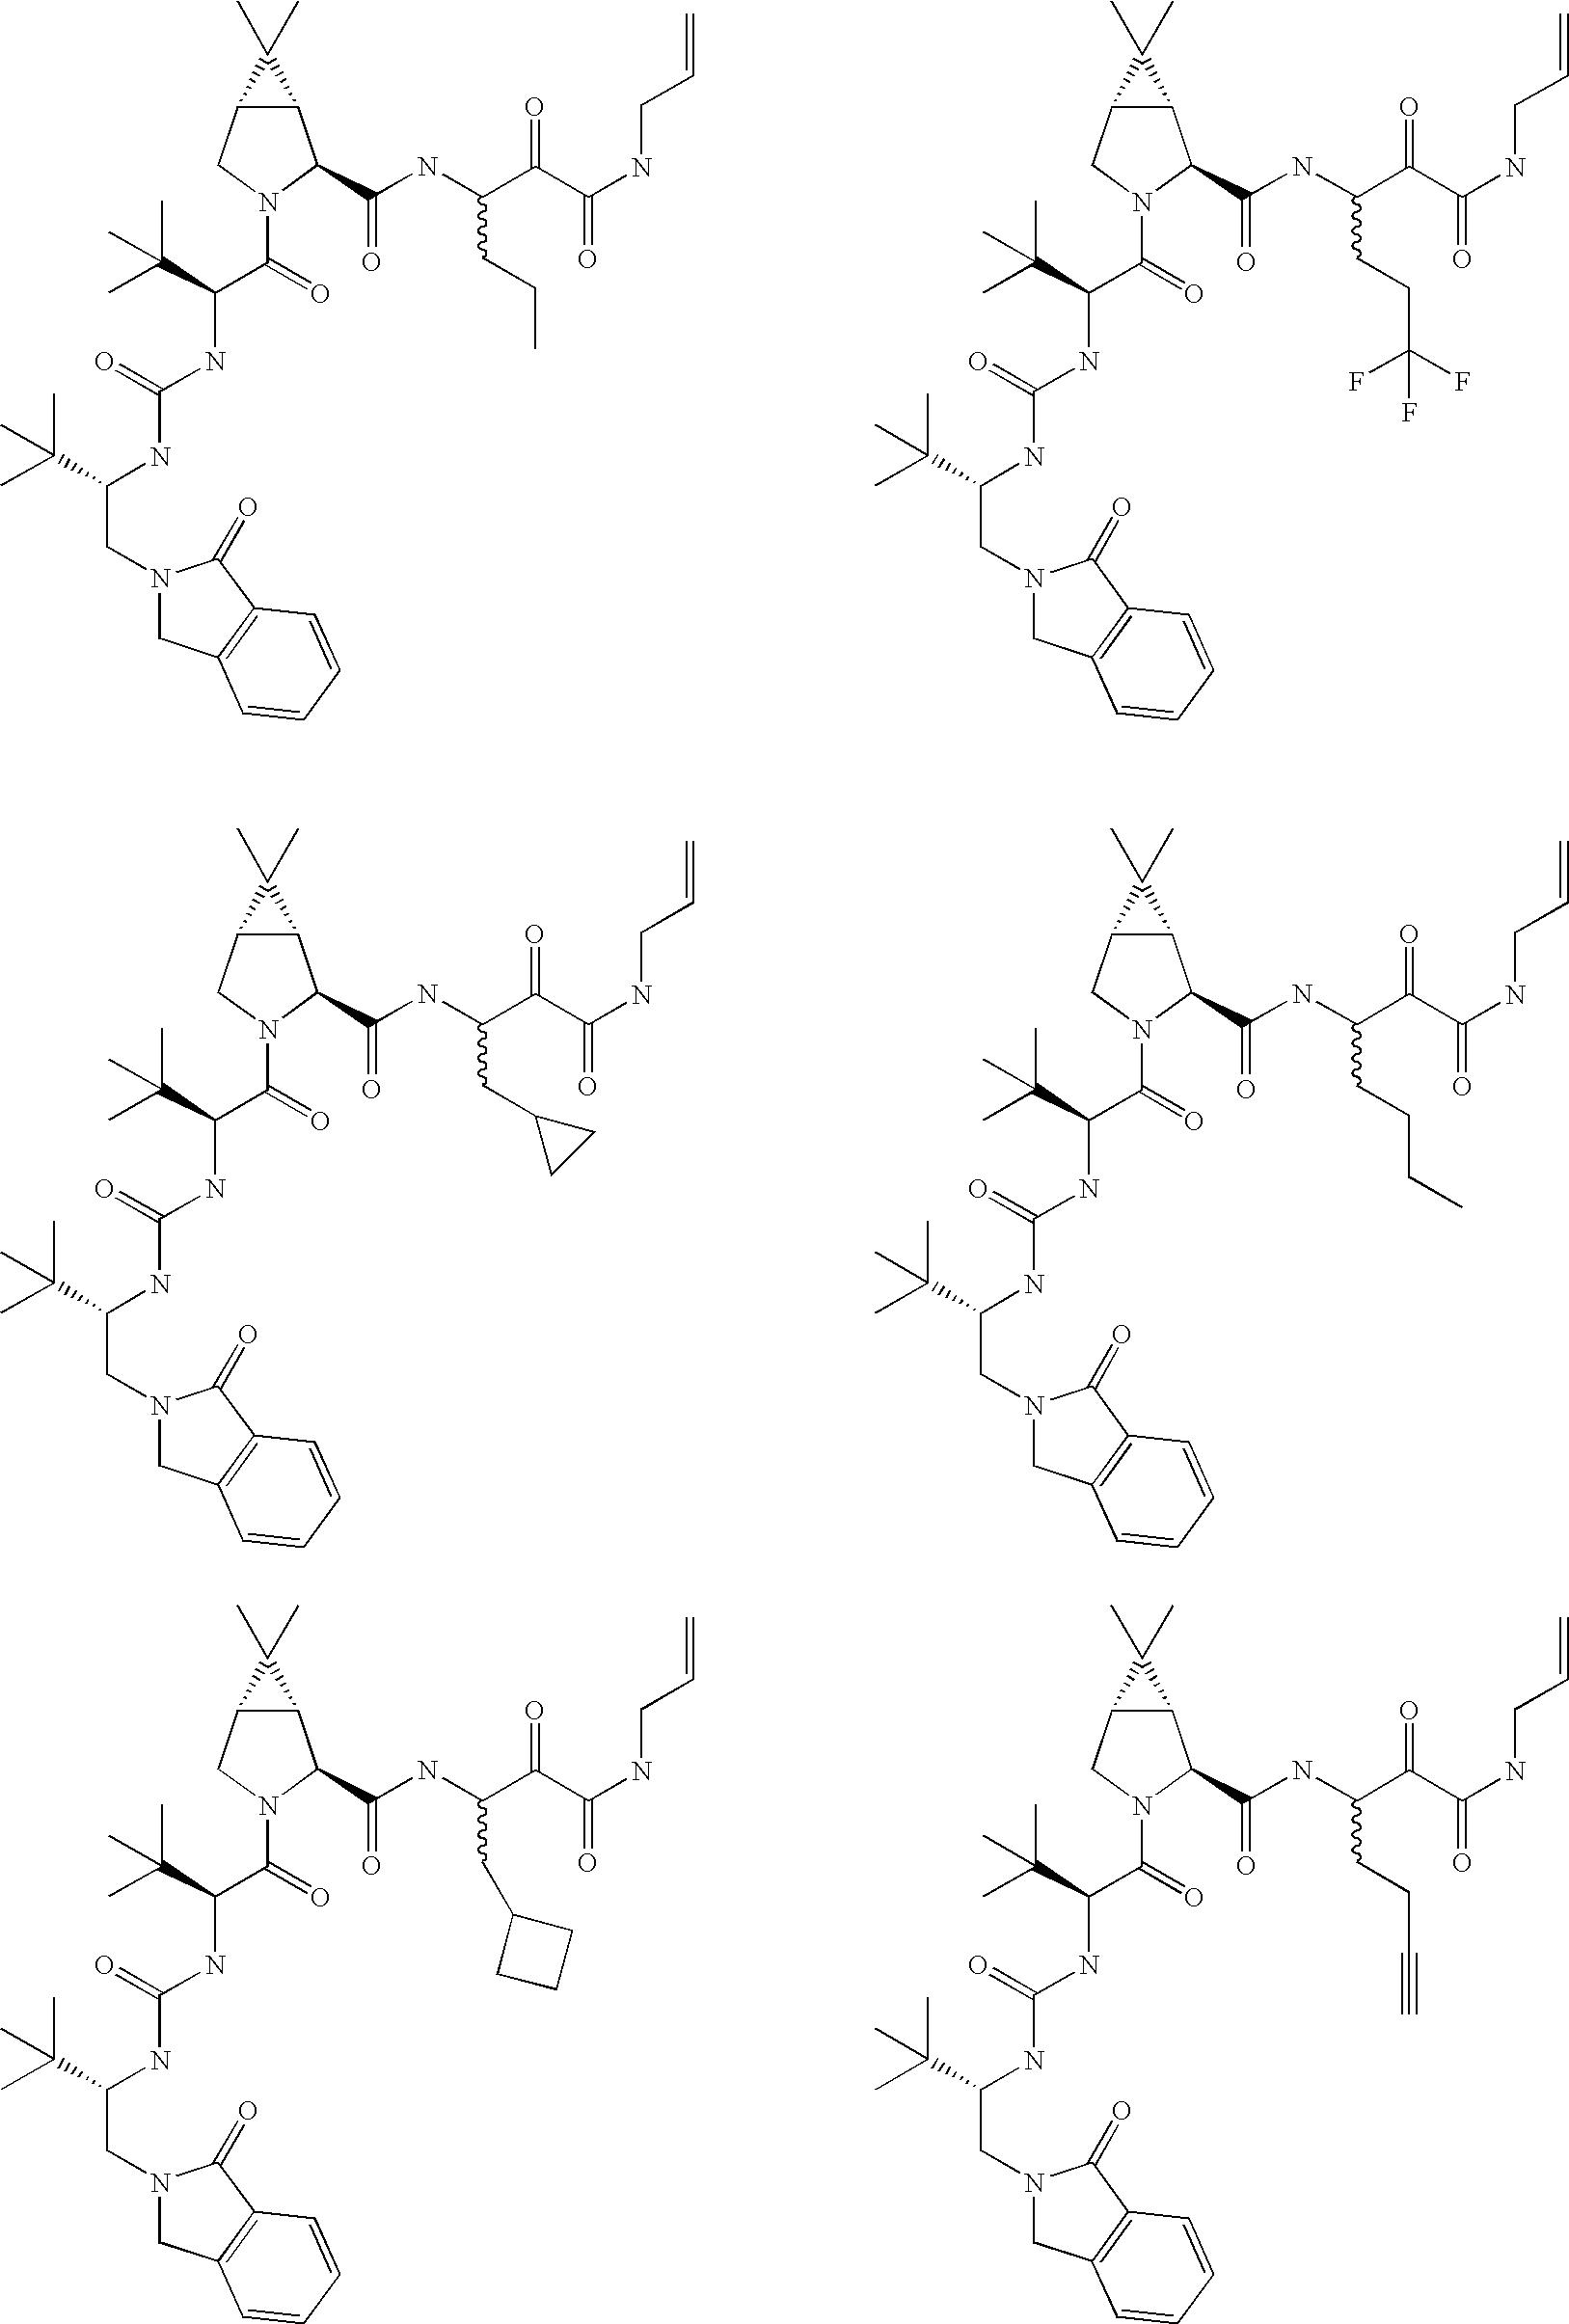 Figure US20060287248A1-20061221-C00427